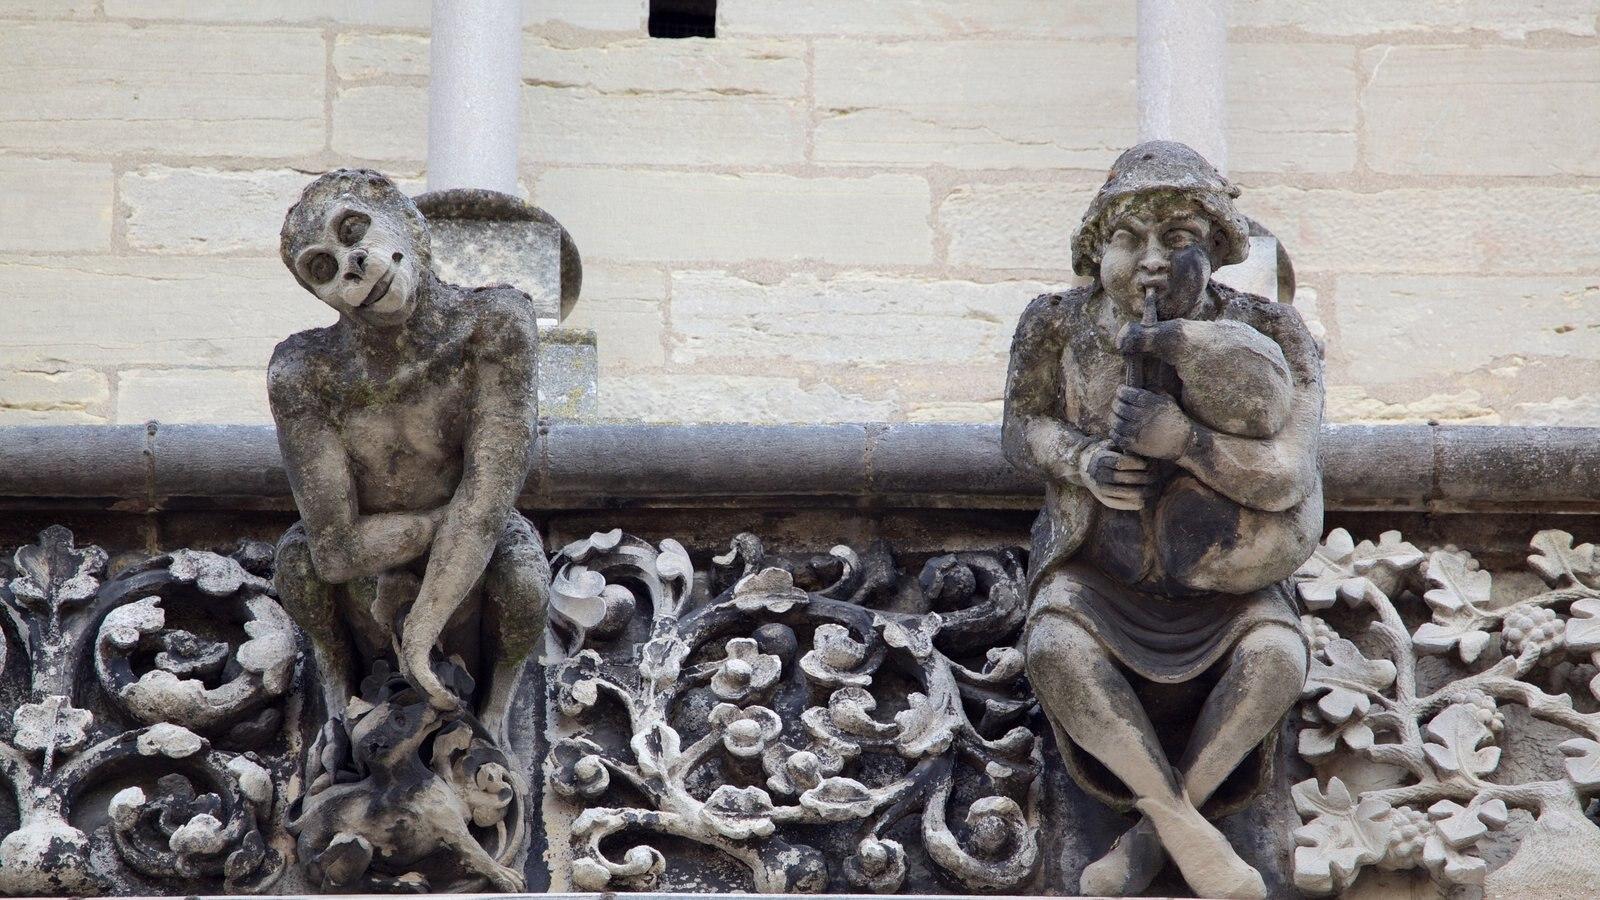 Igreja de Notre Dame caracterizando uma estátua ou escultura e uma igreja ou catedral